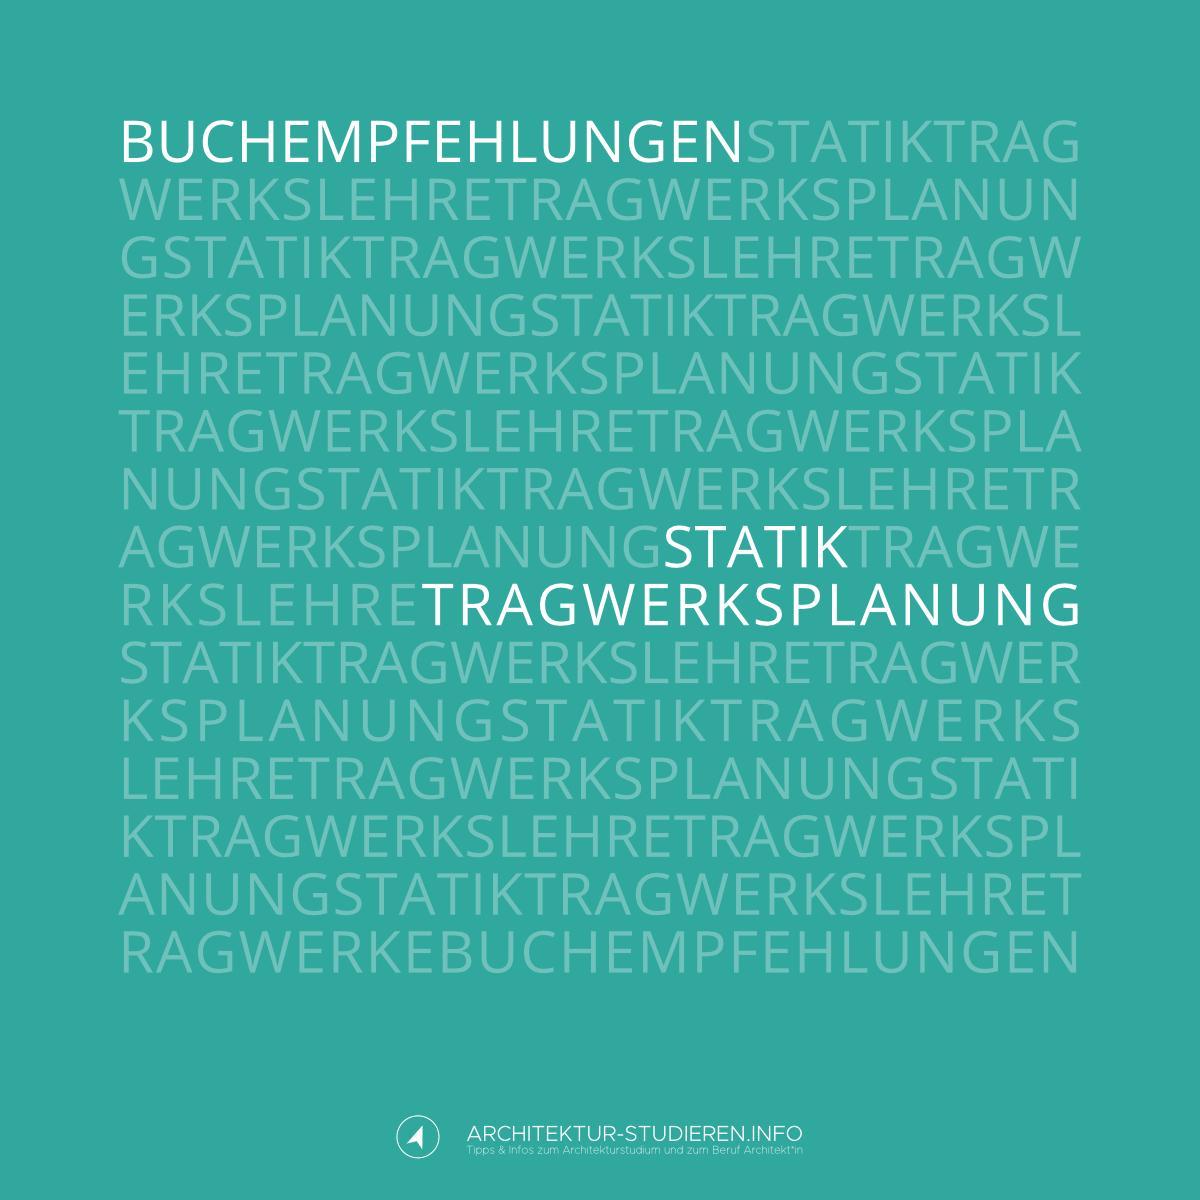 Buchempfehlungen für Architekturstudium und Beruf: Statik / Tragwerkslehre | Architektur-studieren.info